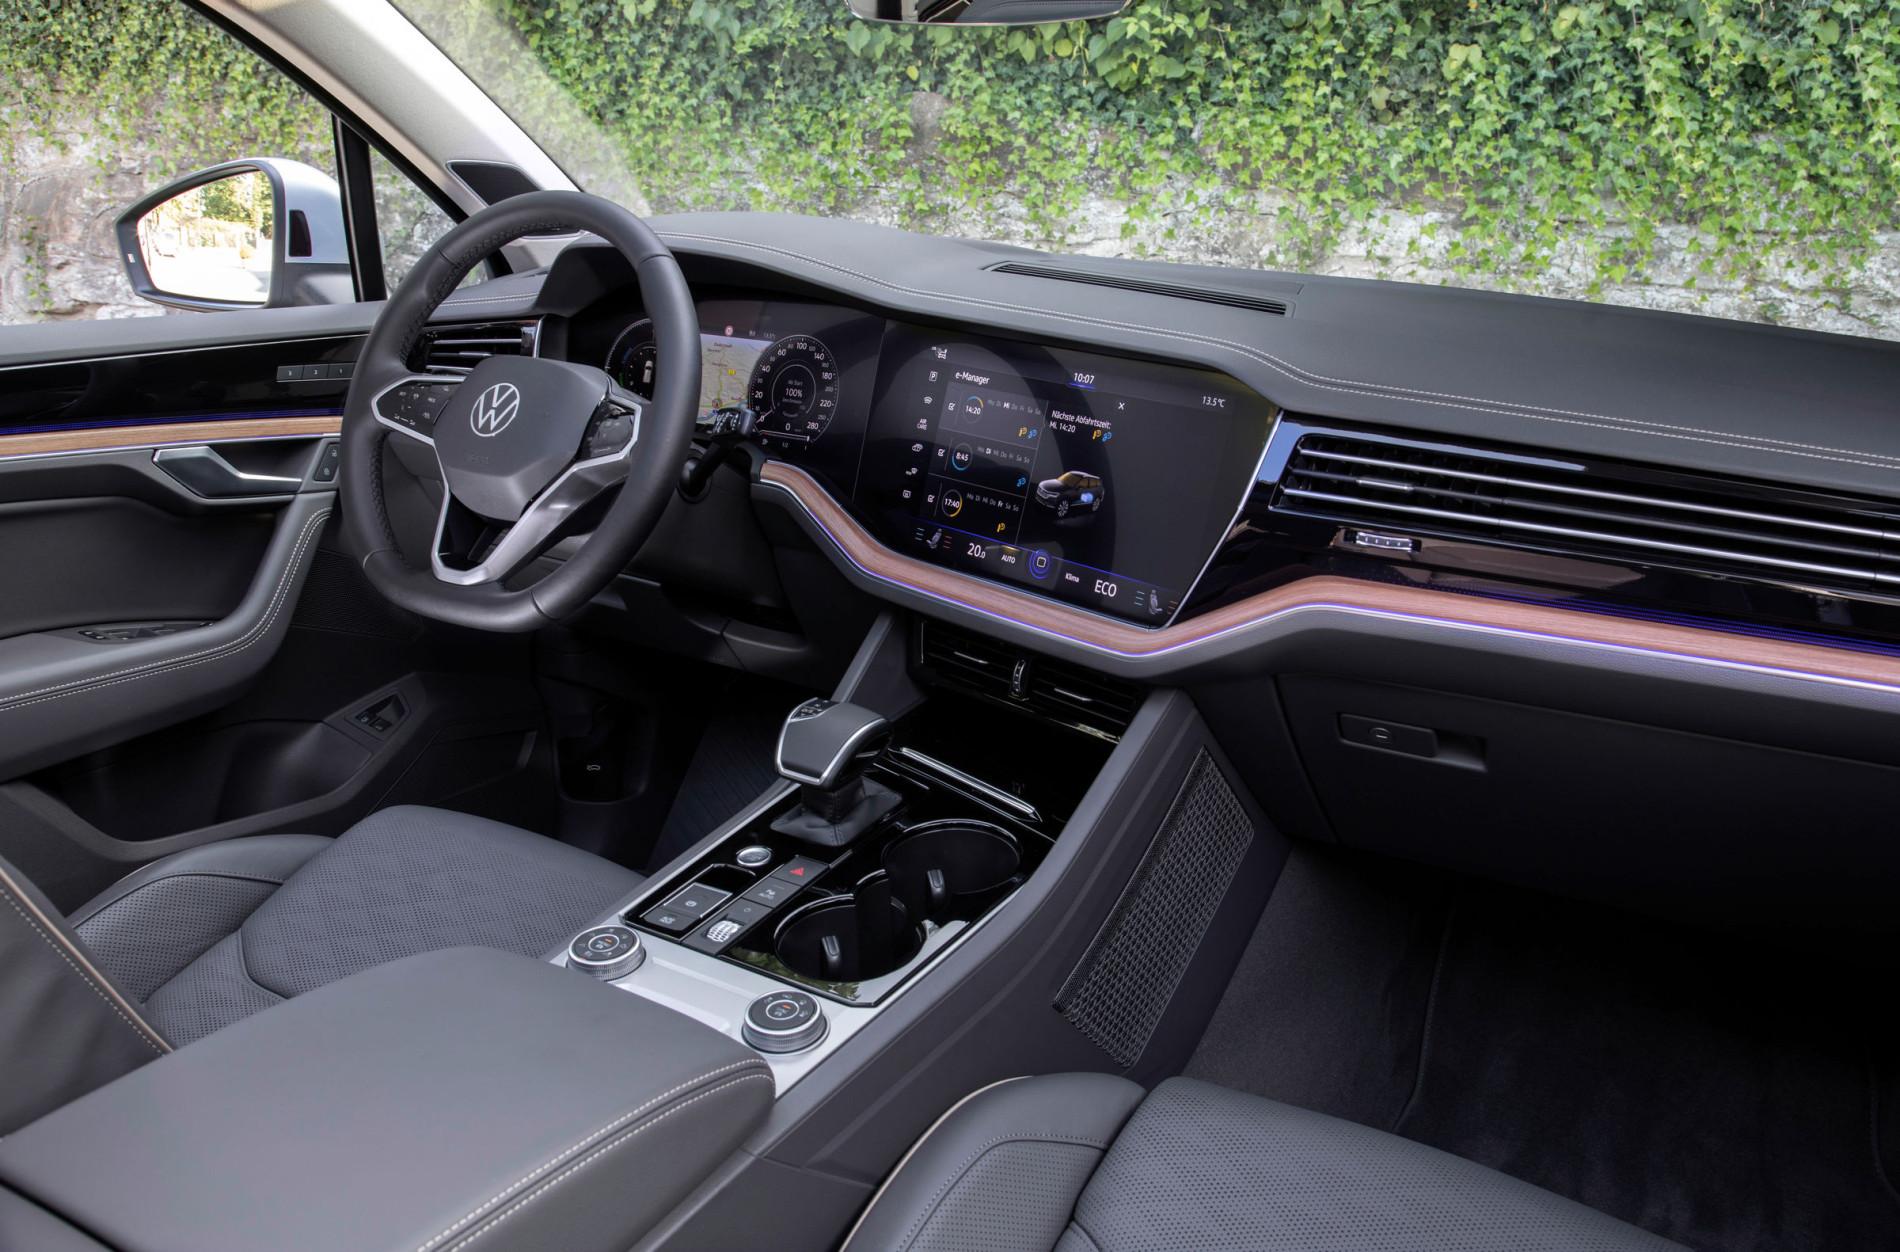 Volkswagen Touareg eHybrid - Volkswagen Touareg eHybrid